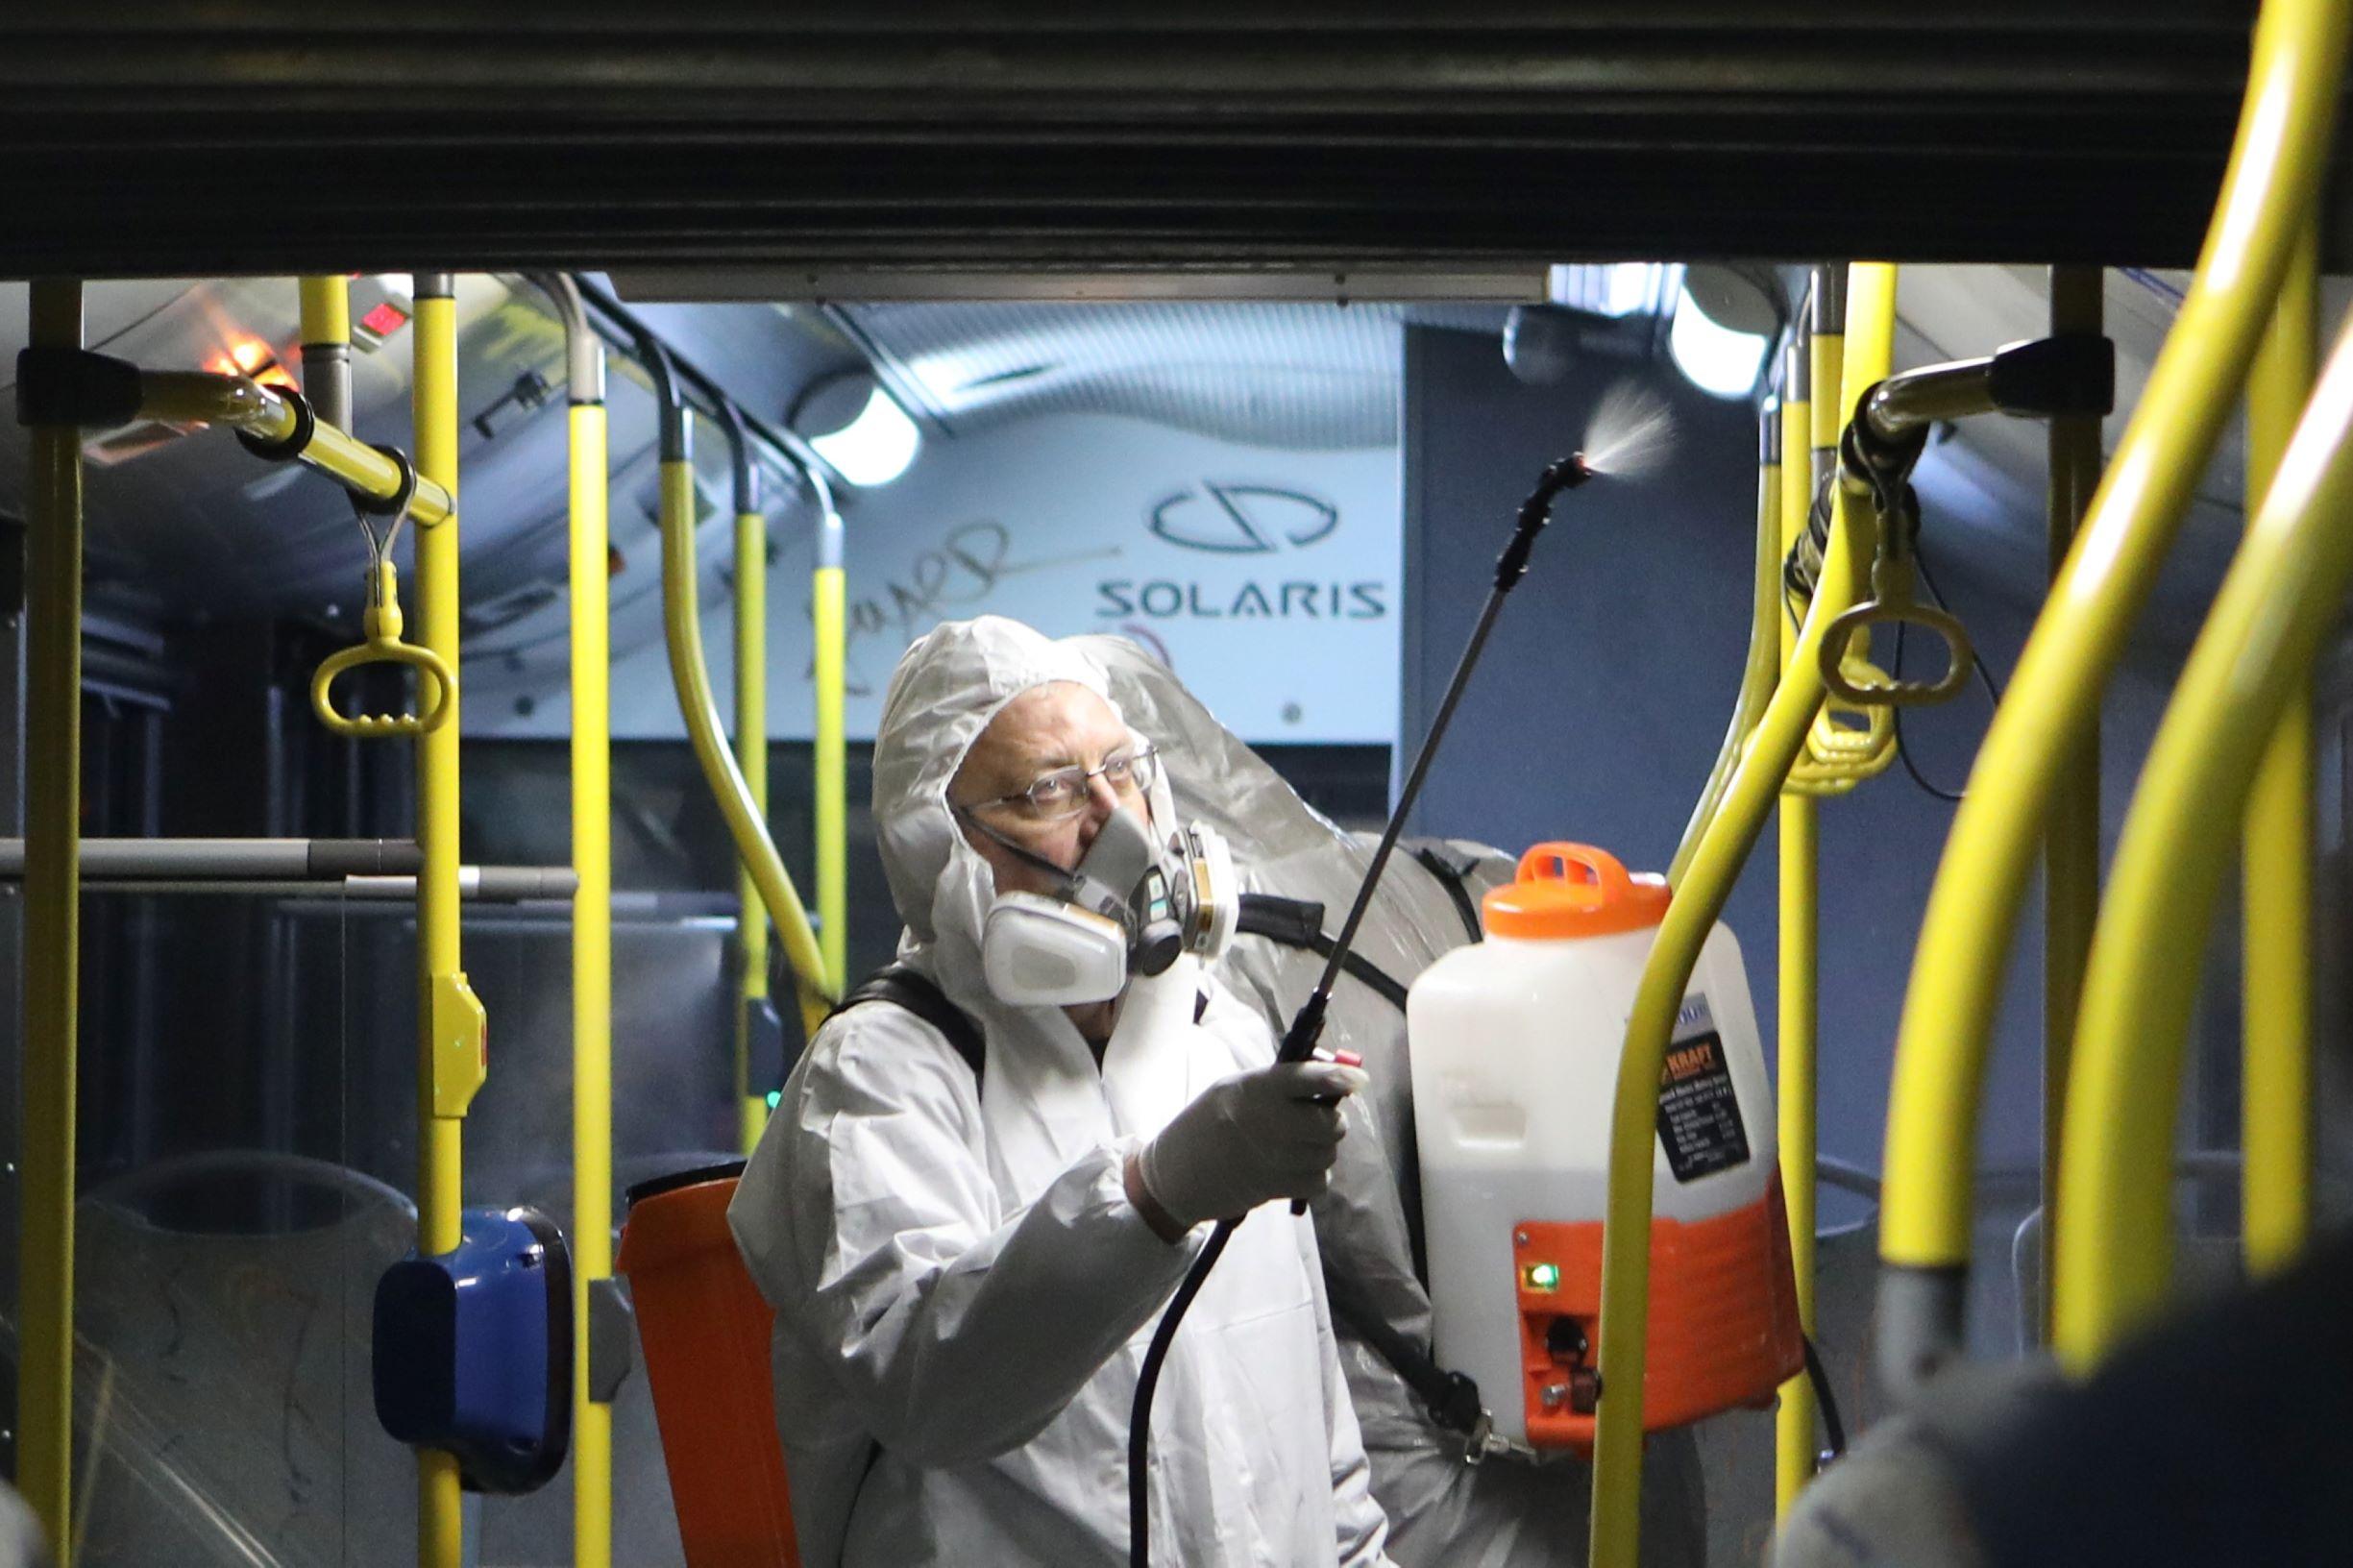 Ο ΟΑΣΑ εντατικοποιεί τα προληπτικά μέτρα για τον κορωνοϊό